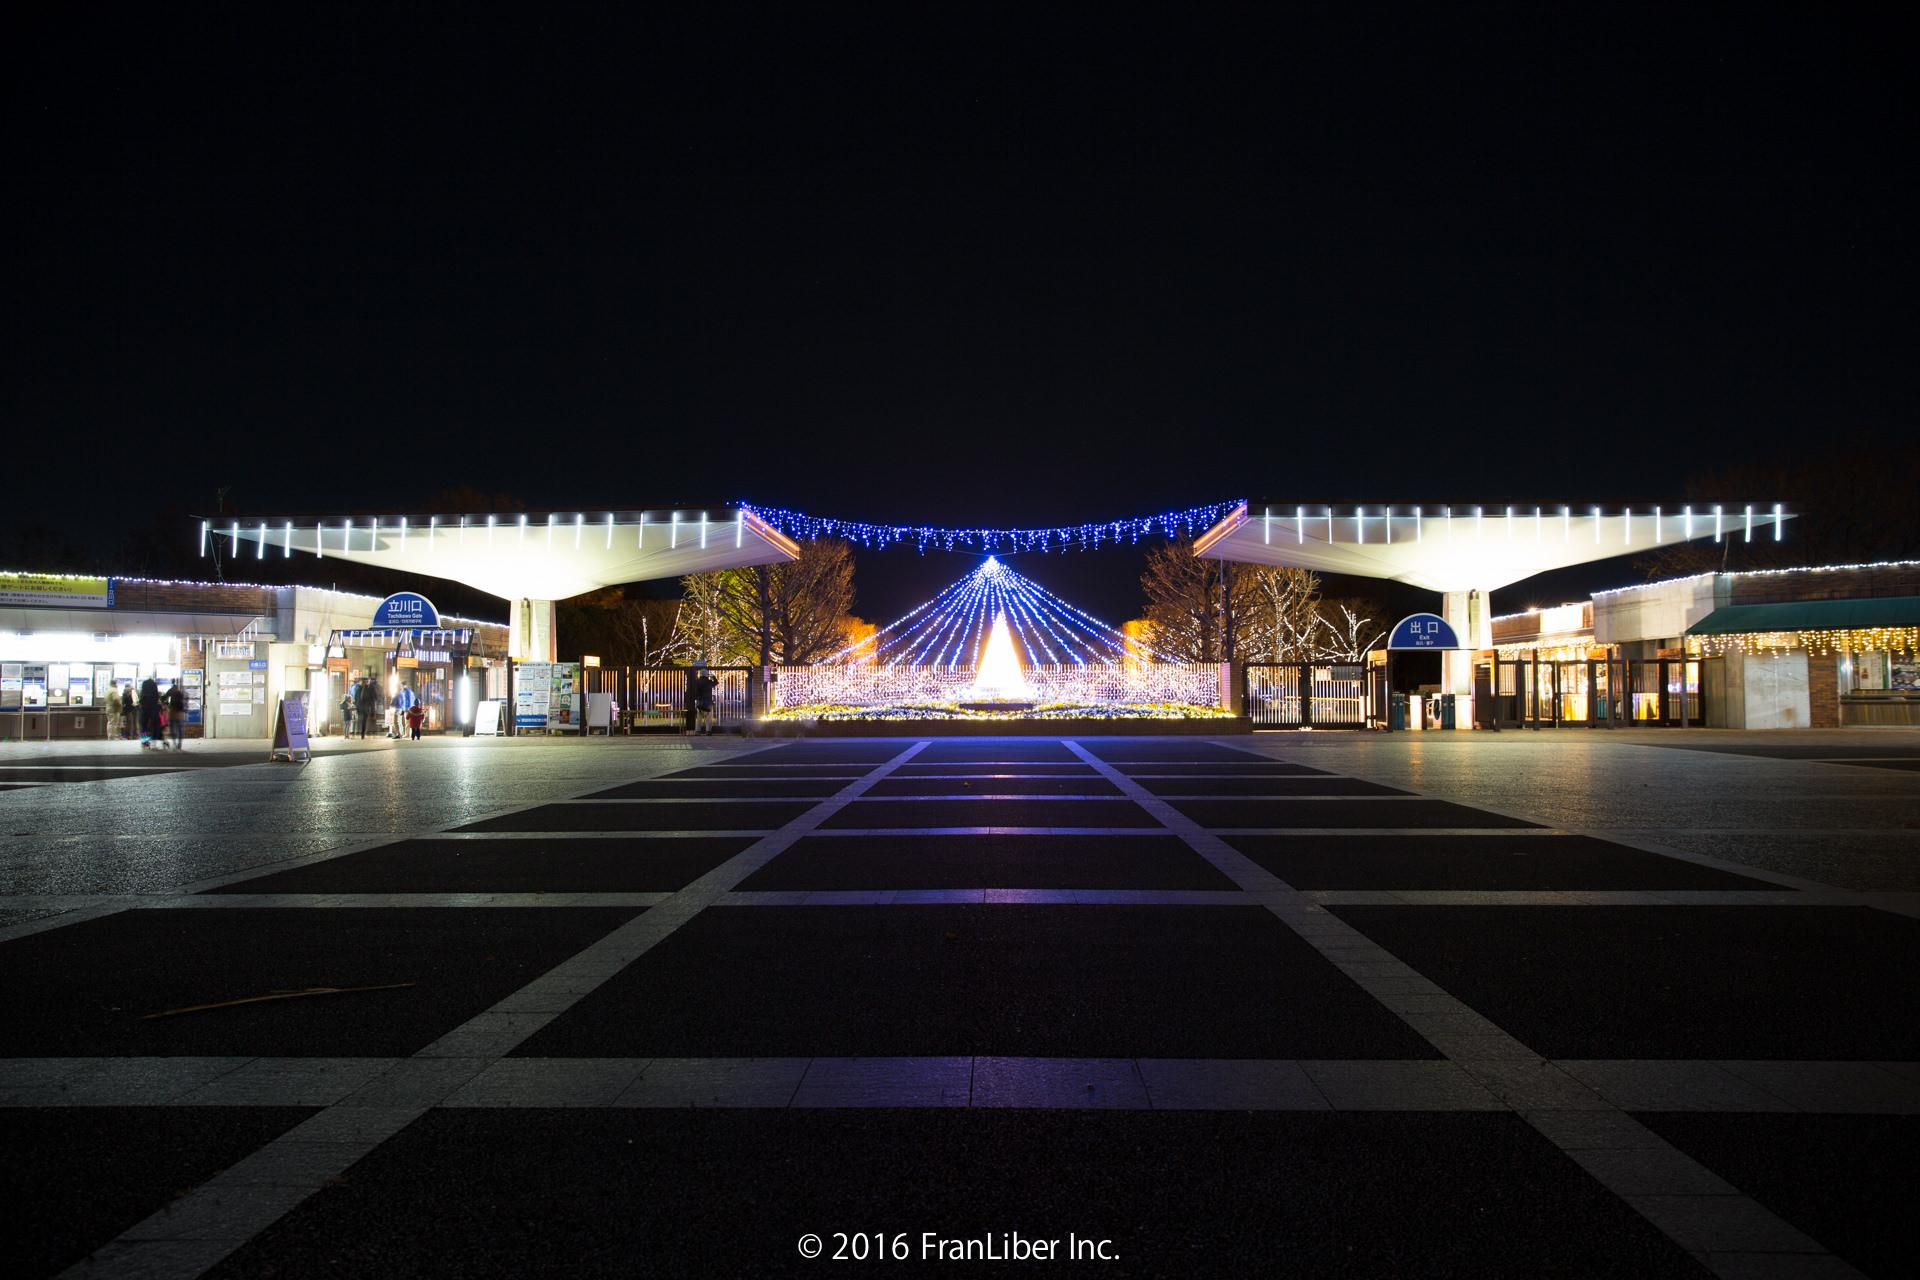 昭和記念公園の入口のイルミネーション